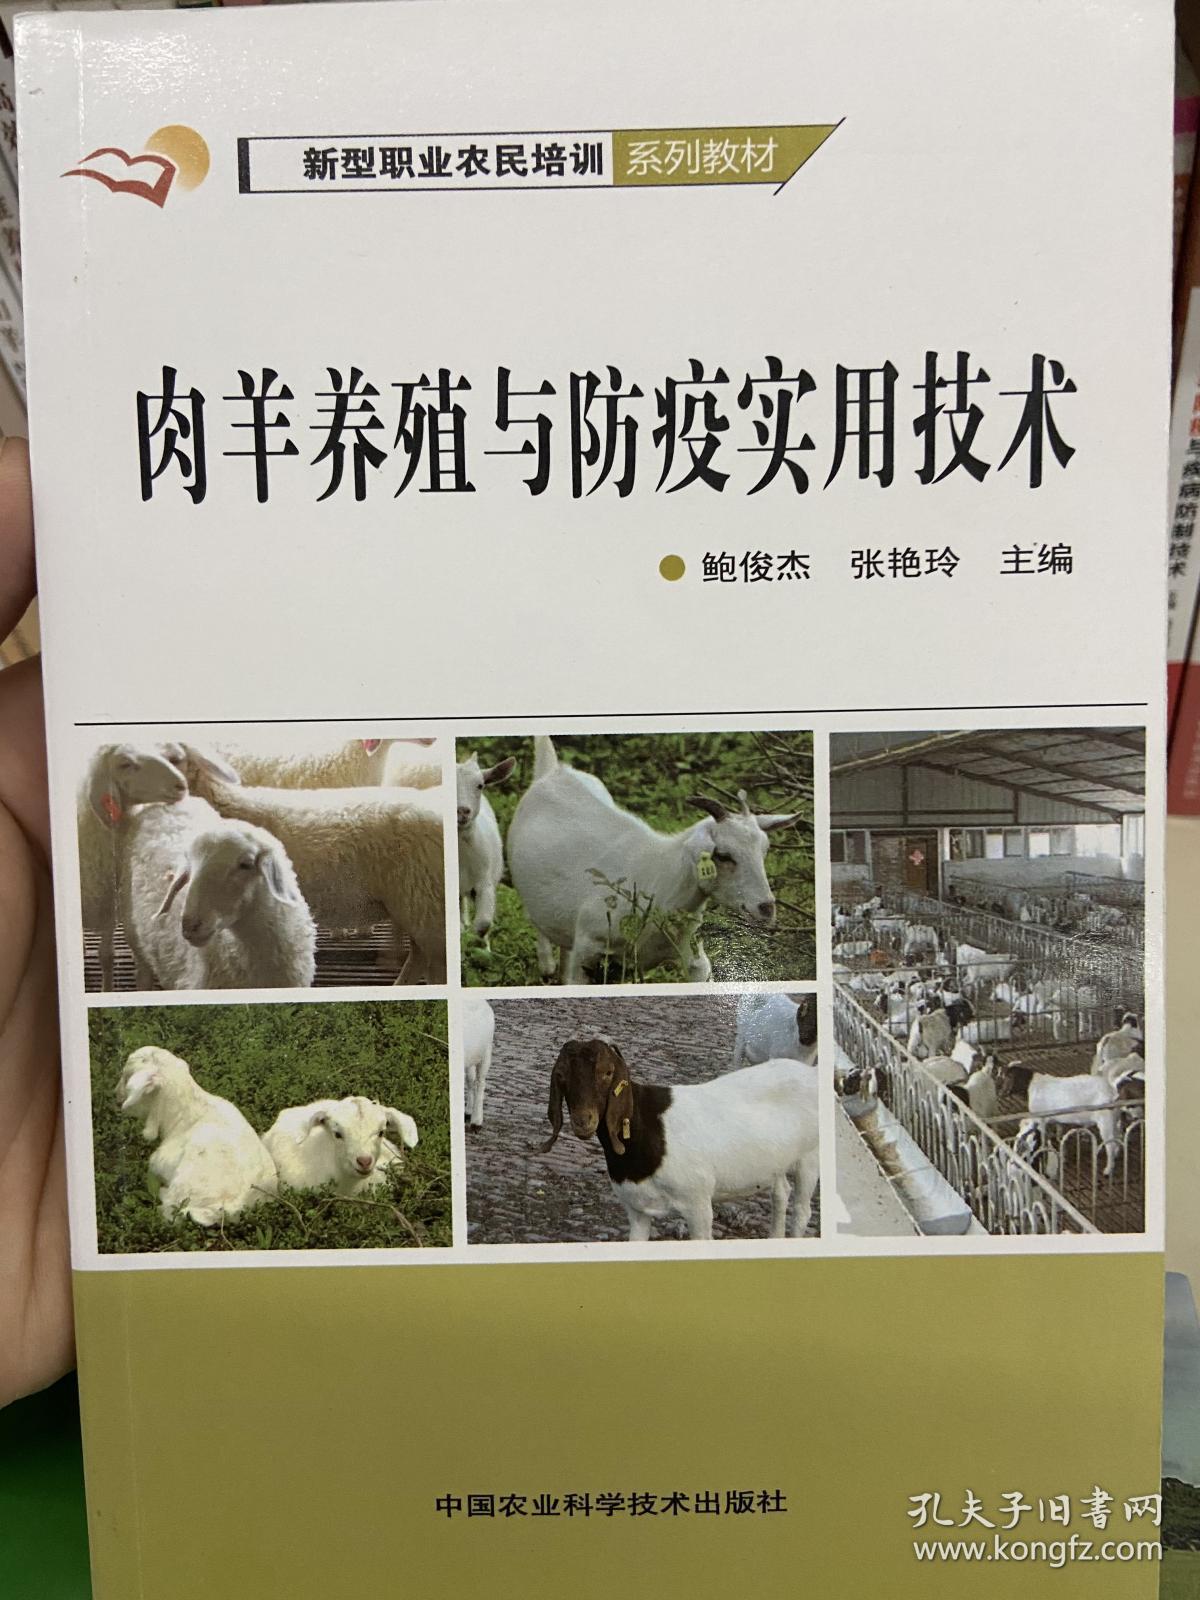 肉羊养殖与防疫实用技术